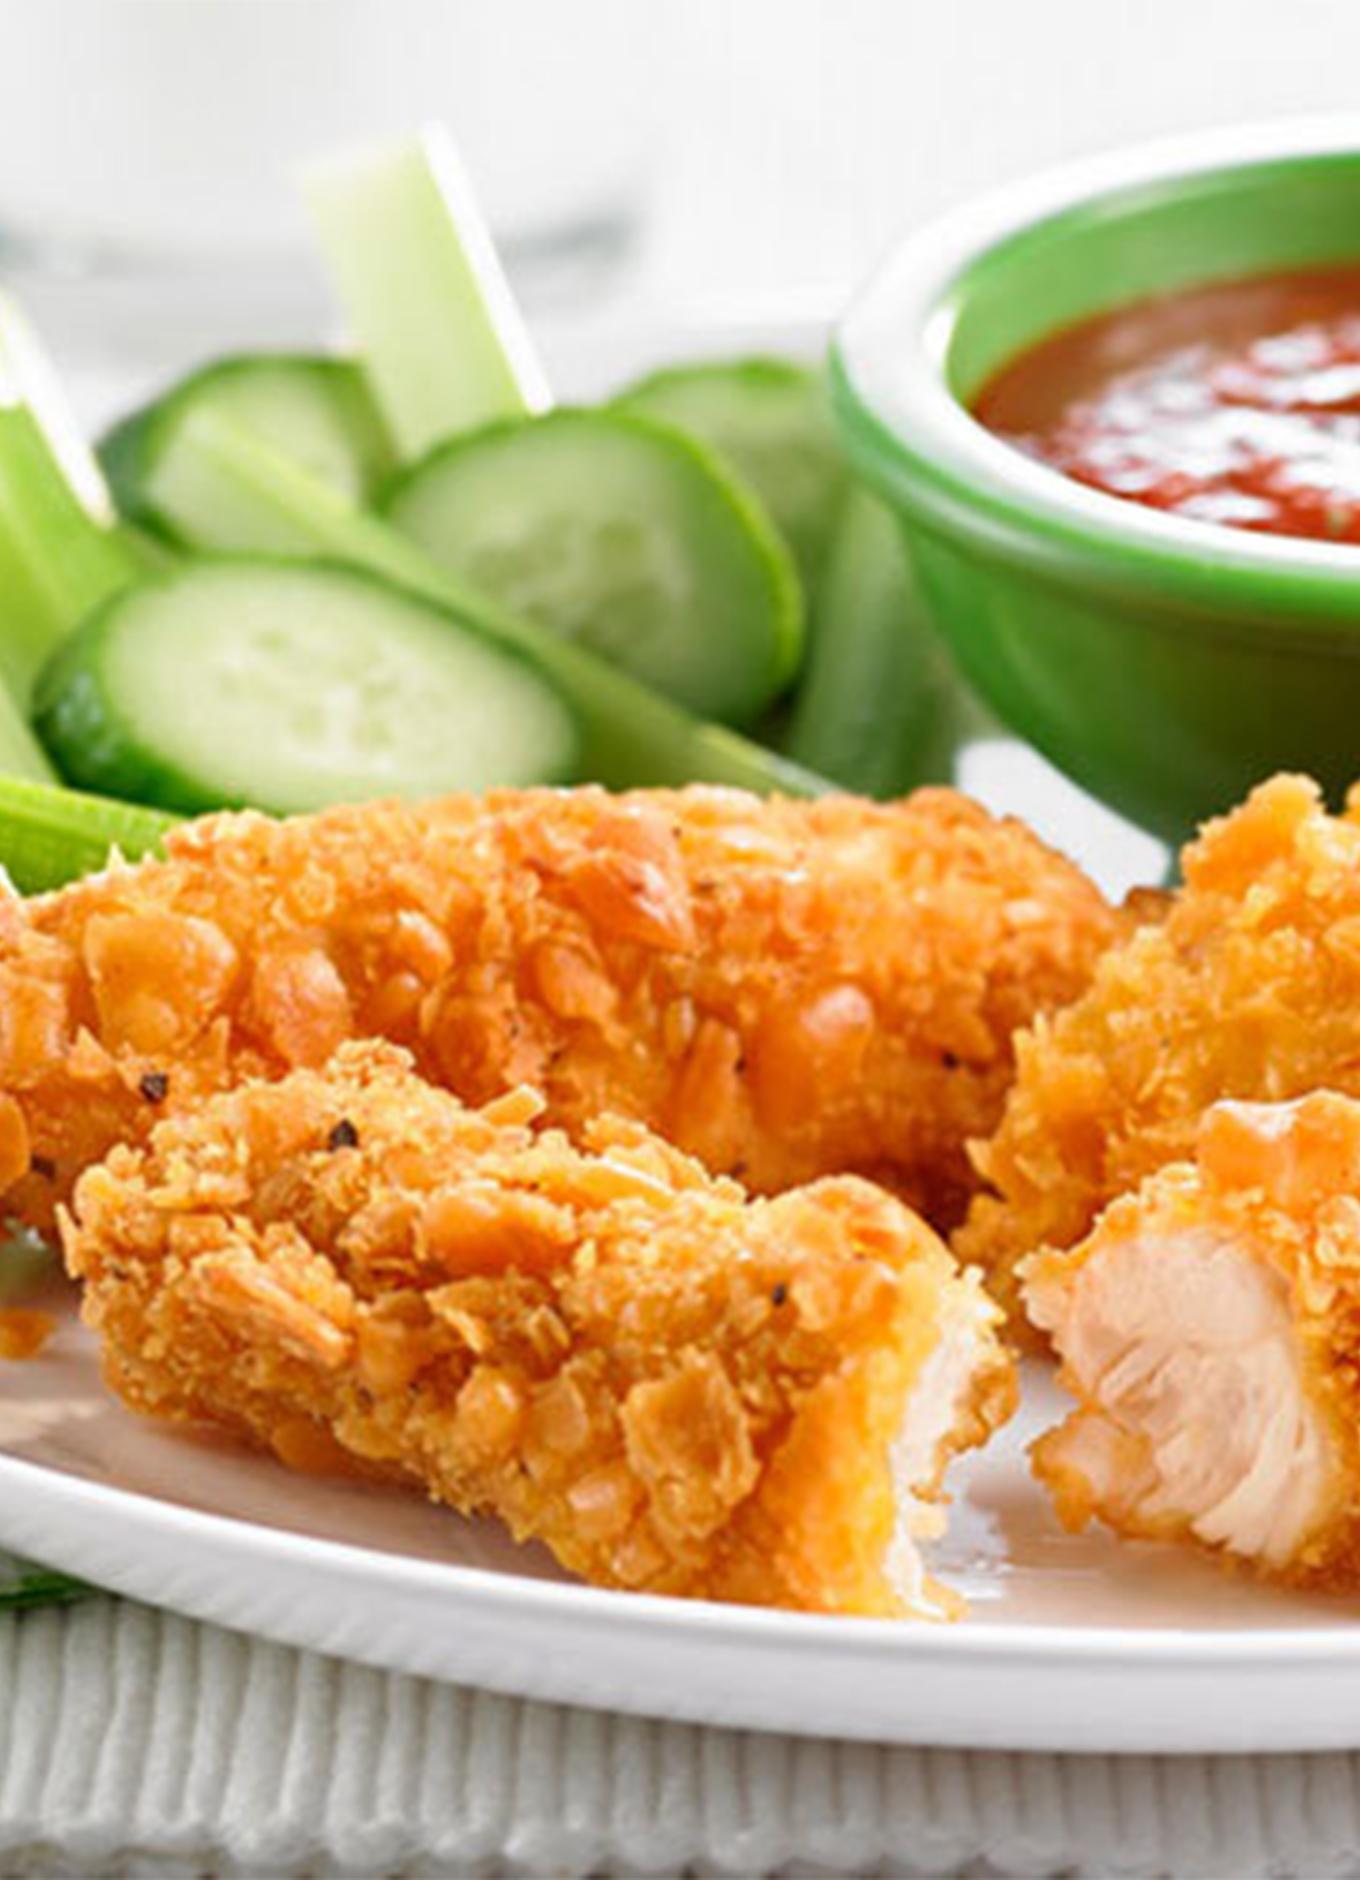 Un plateau de lanières de poulet panées à la chapelure de craquelins de petits poissons au fromage et servies avec des crudités et une trempette